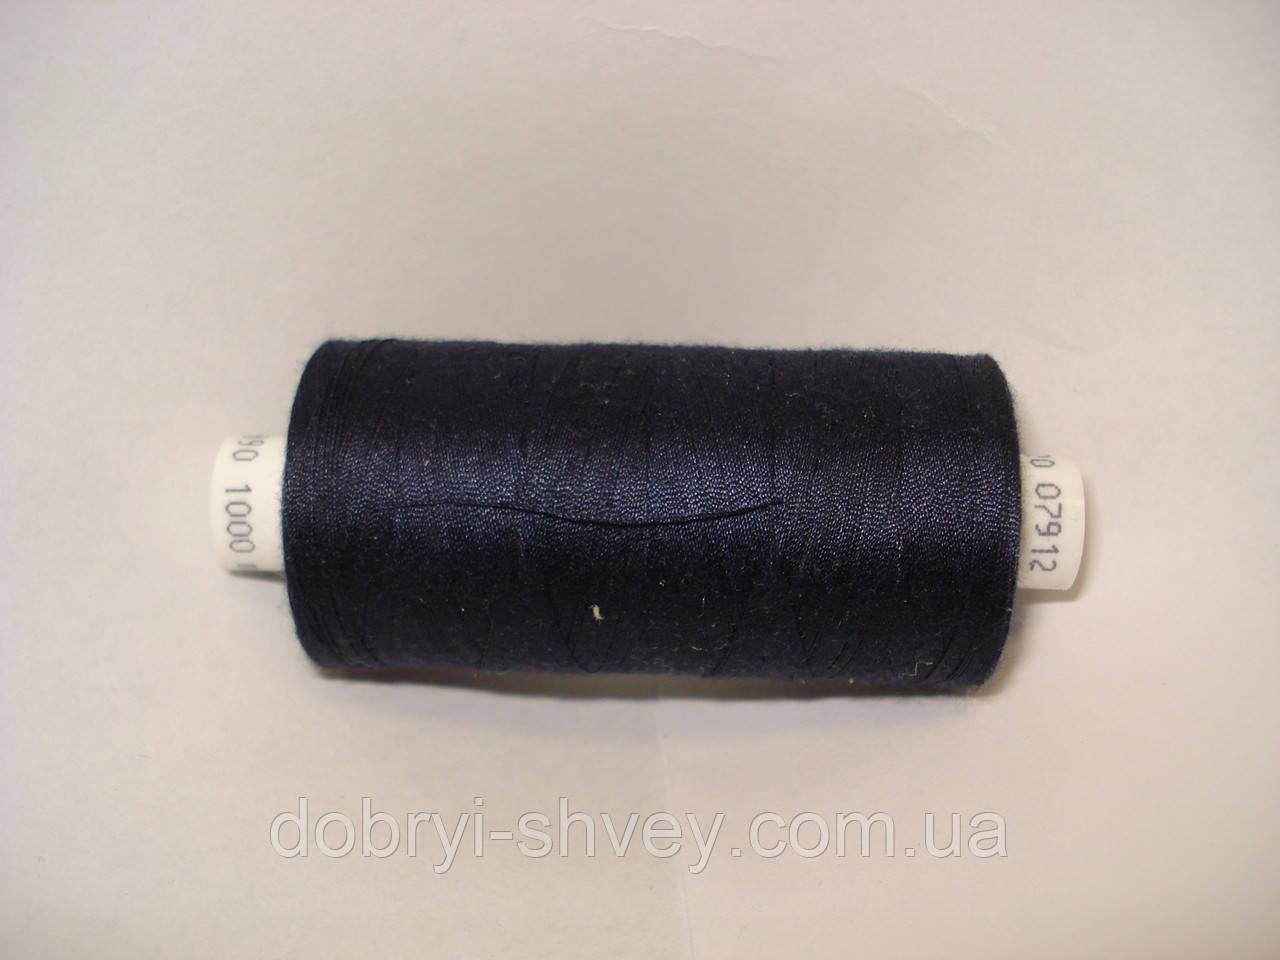 Нитка Coats EPIC №120 1000м.col 07912 синий.т